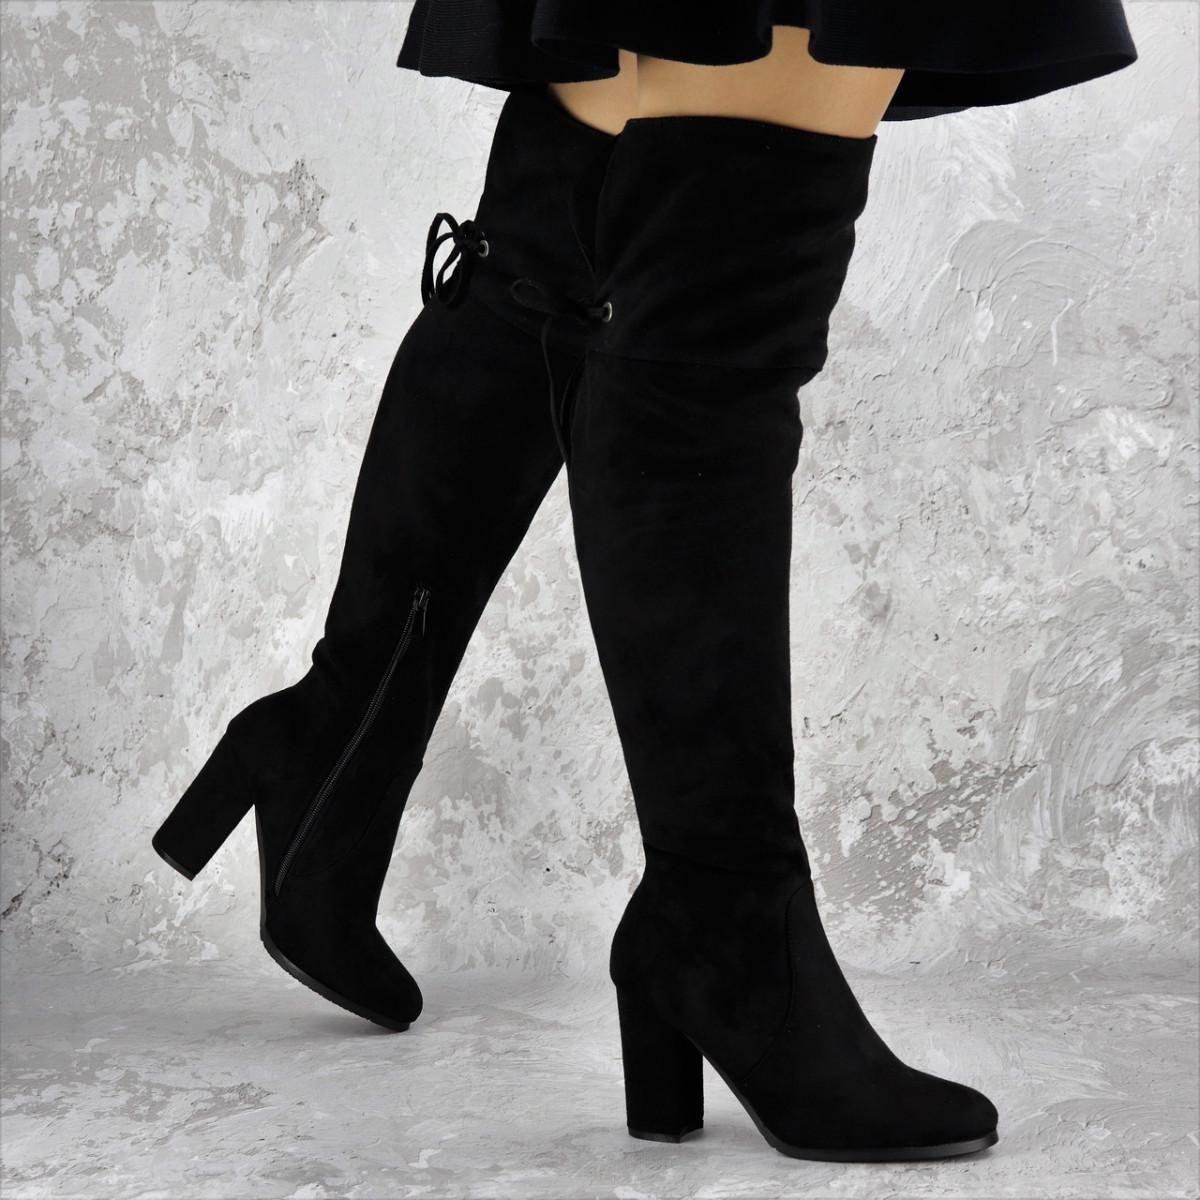 Женские ботфорты Noel черные на каблуке 1445 (37 размер)